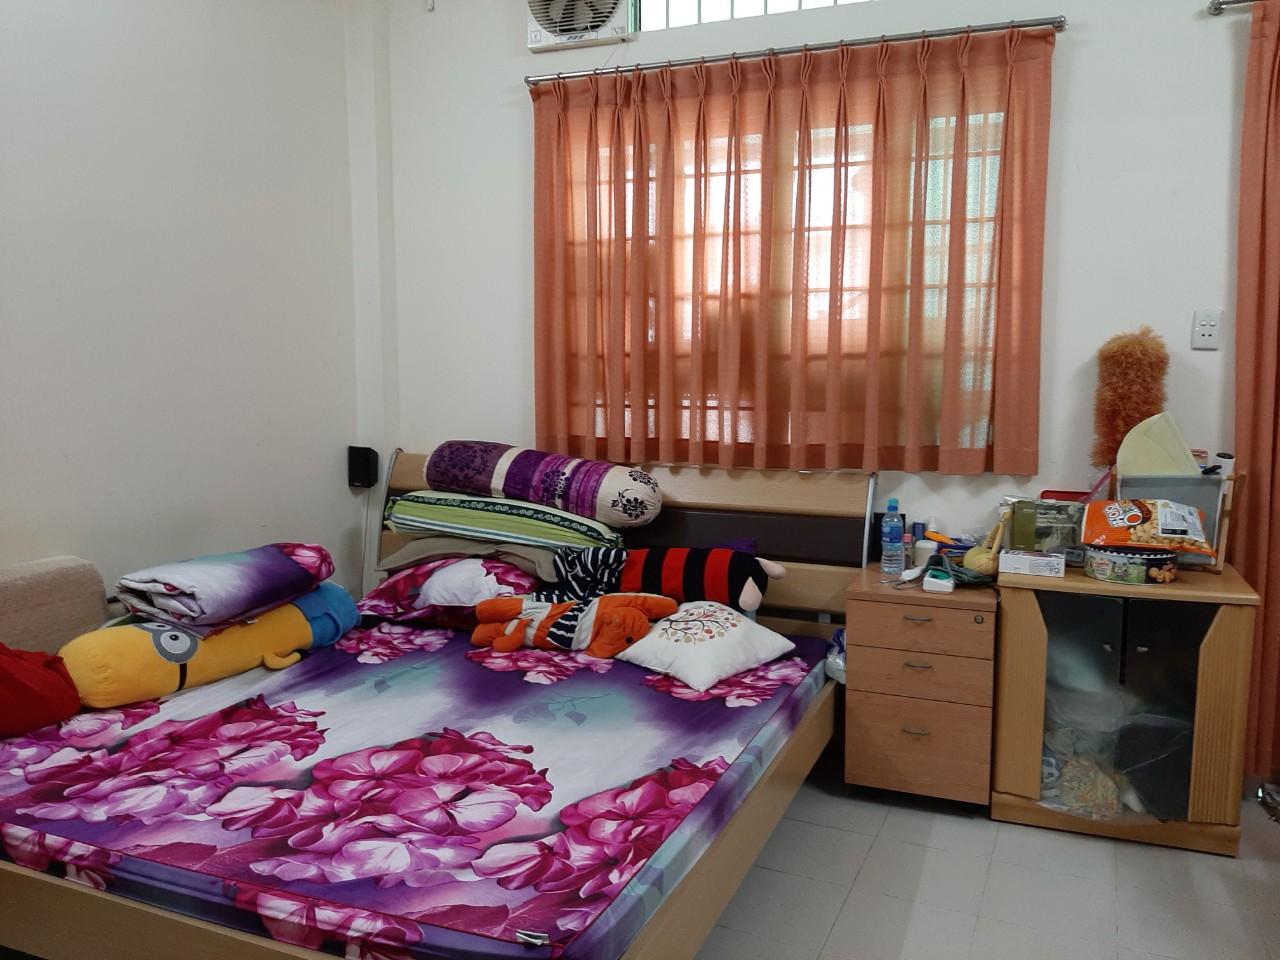 Bán nhà hẻm 35 Cao Lỗ phường 4 Quận 8. DT 6x9m, ngay trạm bơm Đồng Diều